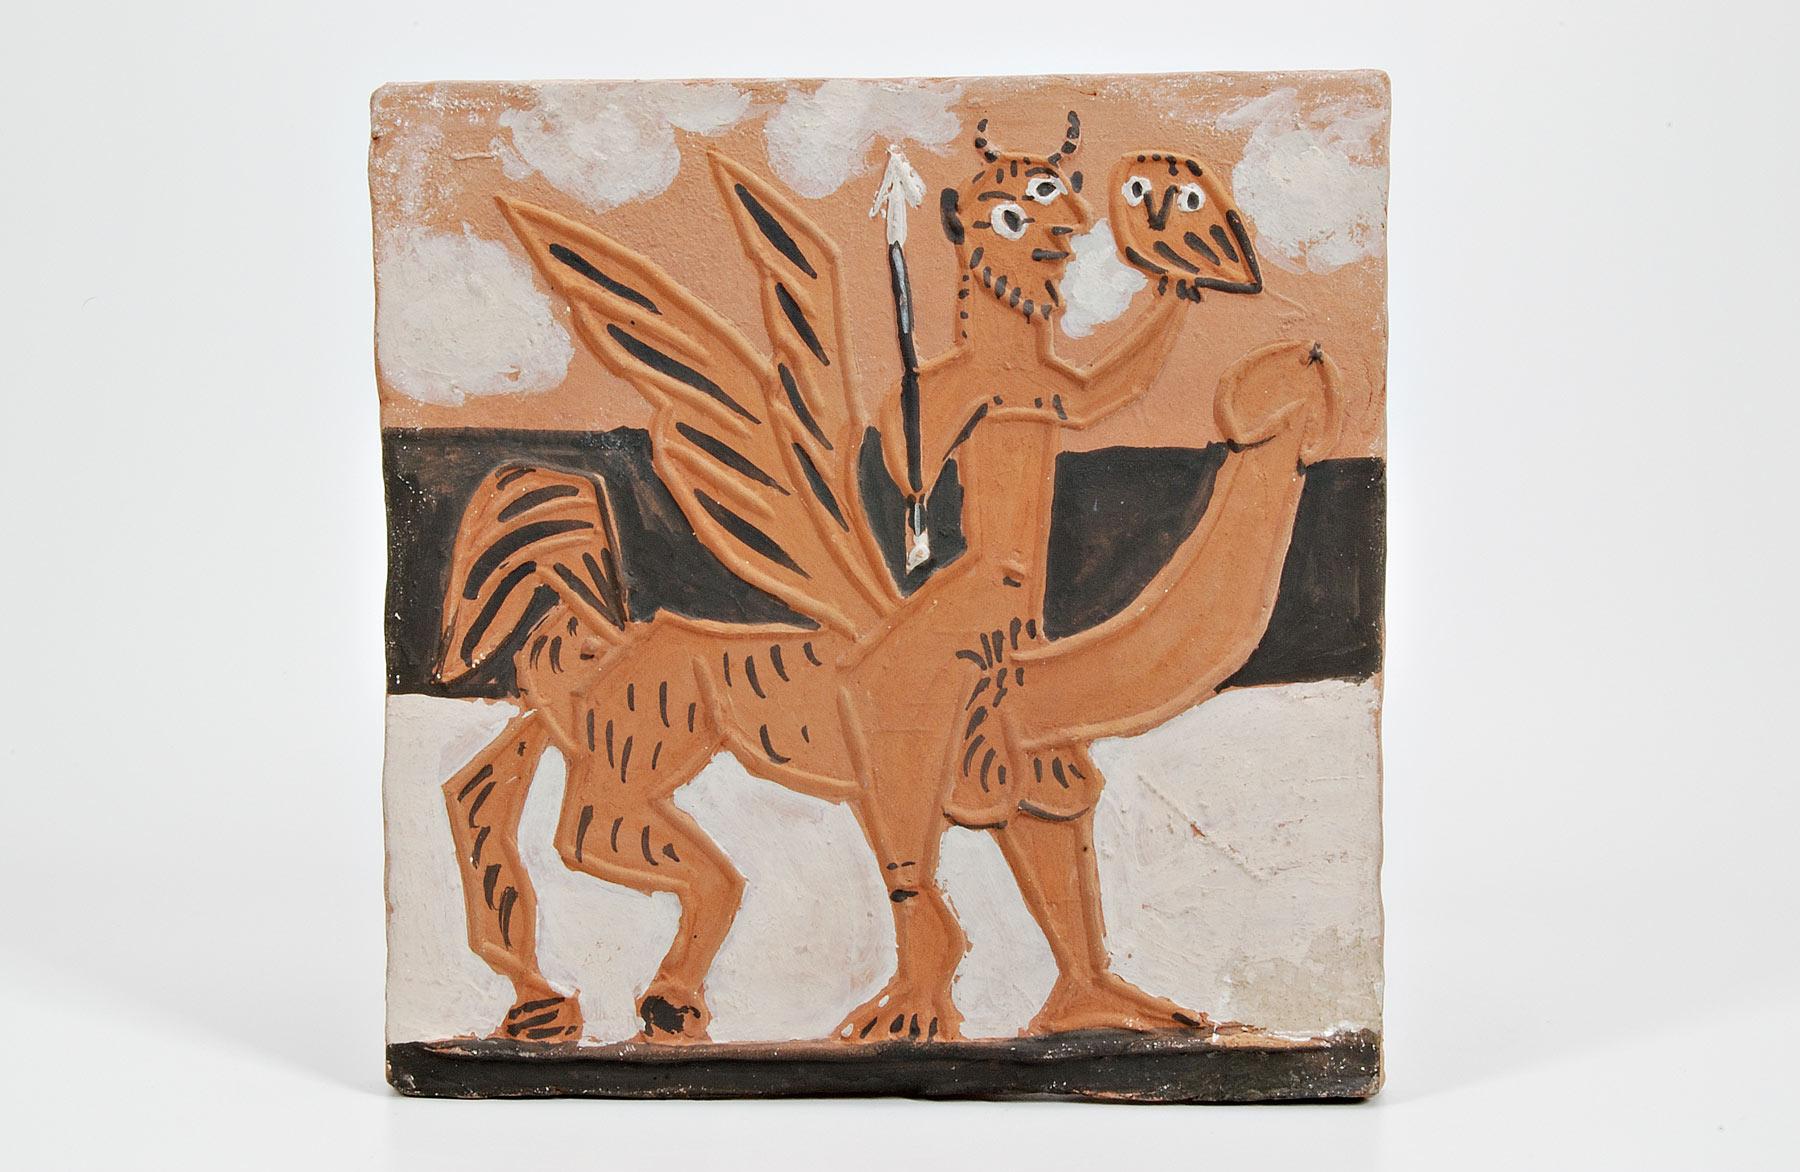 Pablo Picasso, Centauro (1950 circa, Vallauris; terracotta dipinta, 18,7 x 18,4 x 1,5 cm; Faenza, Museo Internazionale della Ceramica)